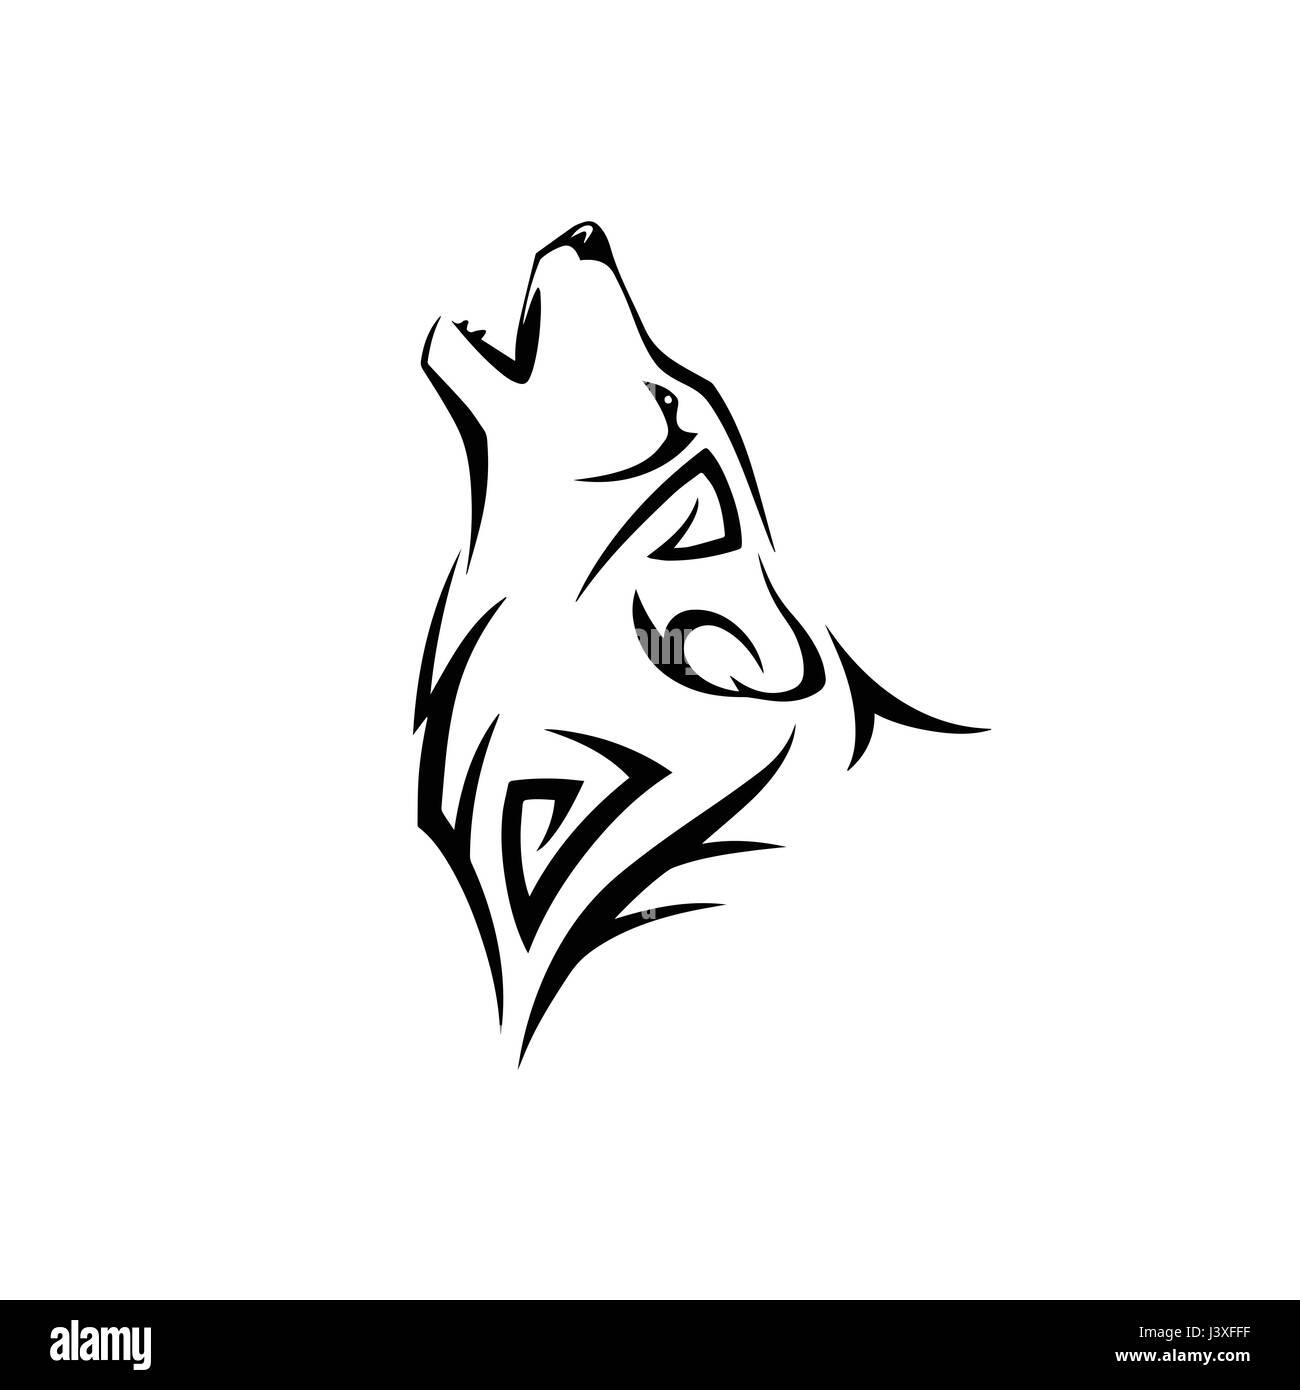 Lobo Aullando Diseño De Tatuaje Ilustración Del Vector Imagen